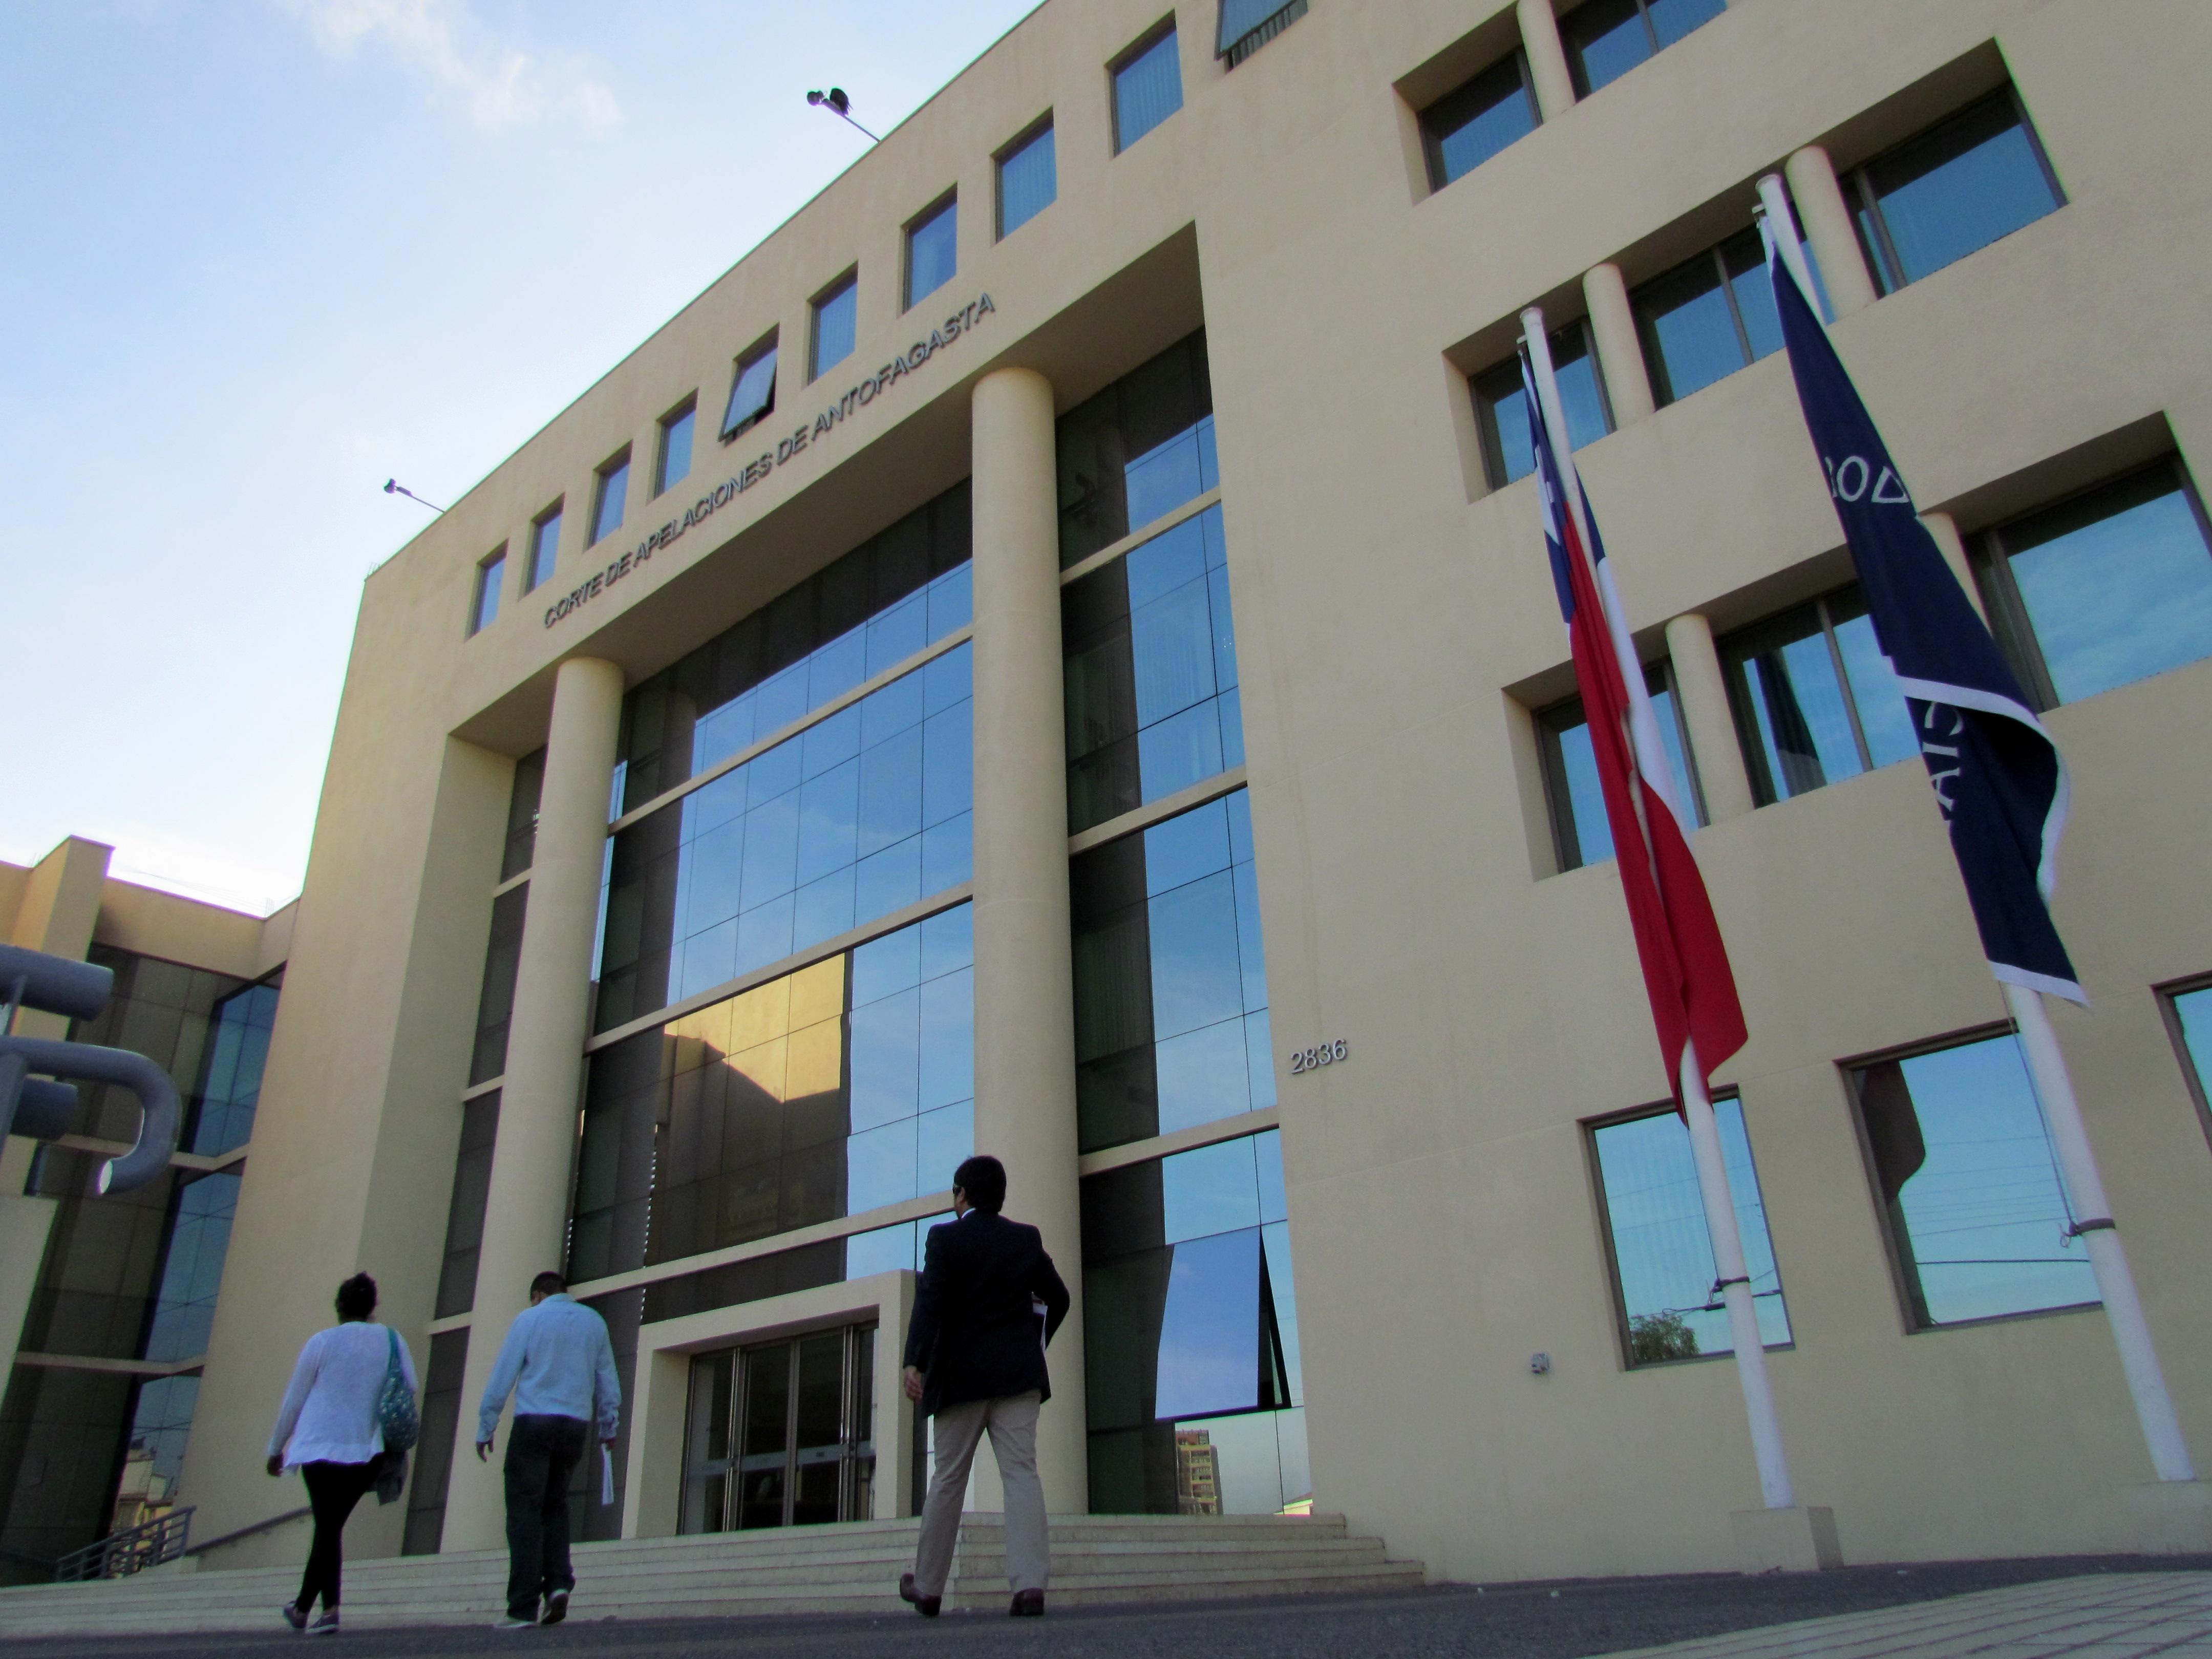 Comisión de libertad condicional de Antofagasta revisará 280 solicitudes